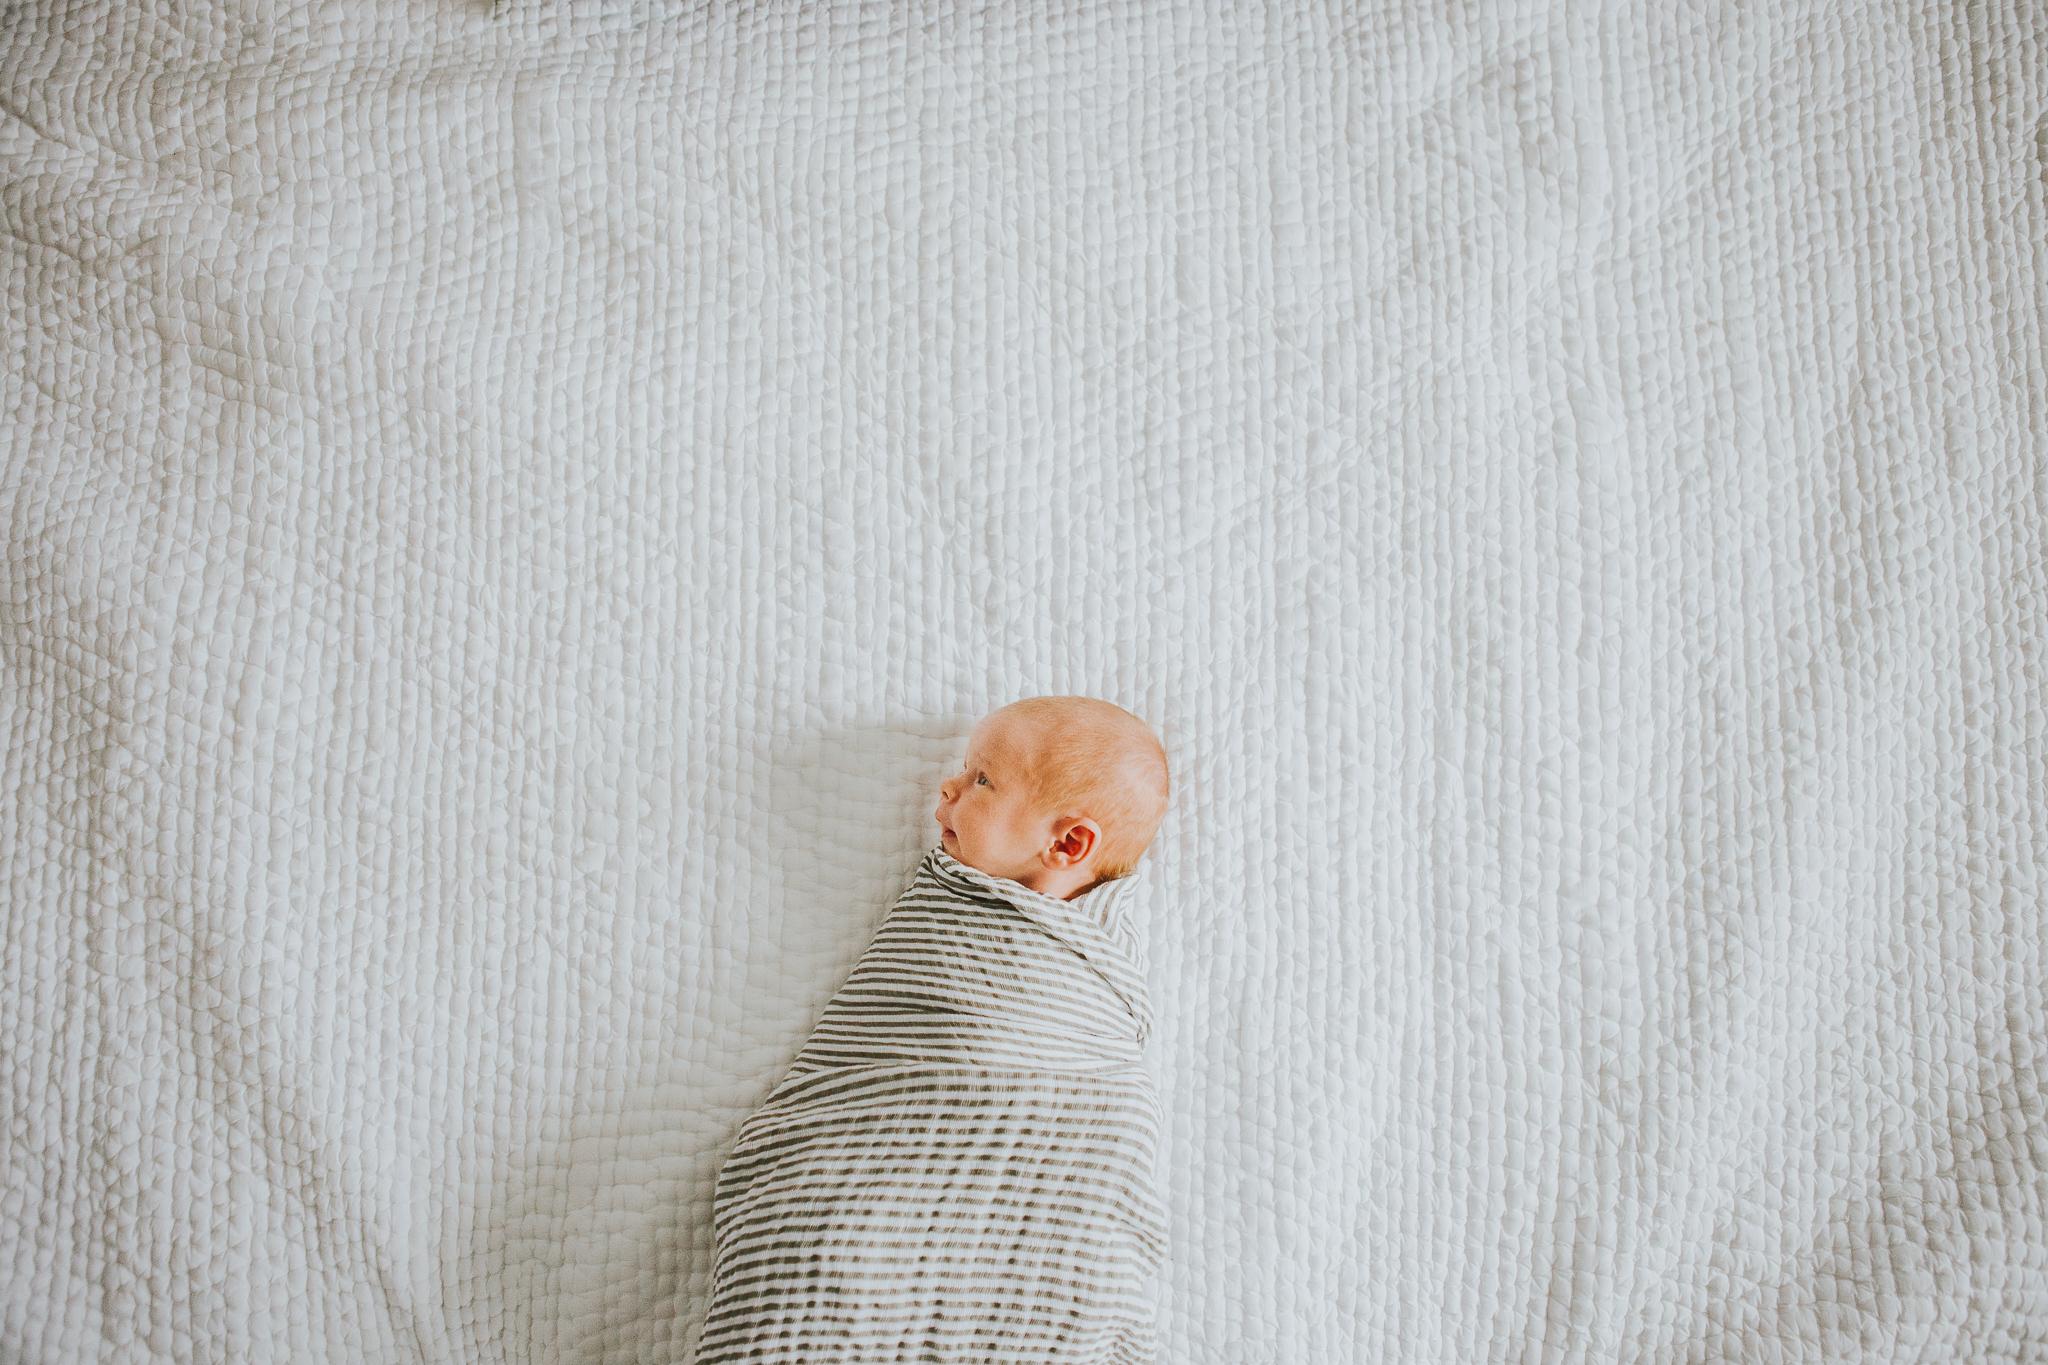 Mesa-Arizona-Newborn-Photographer-26.jpg